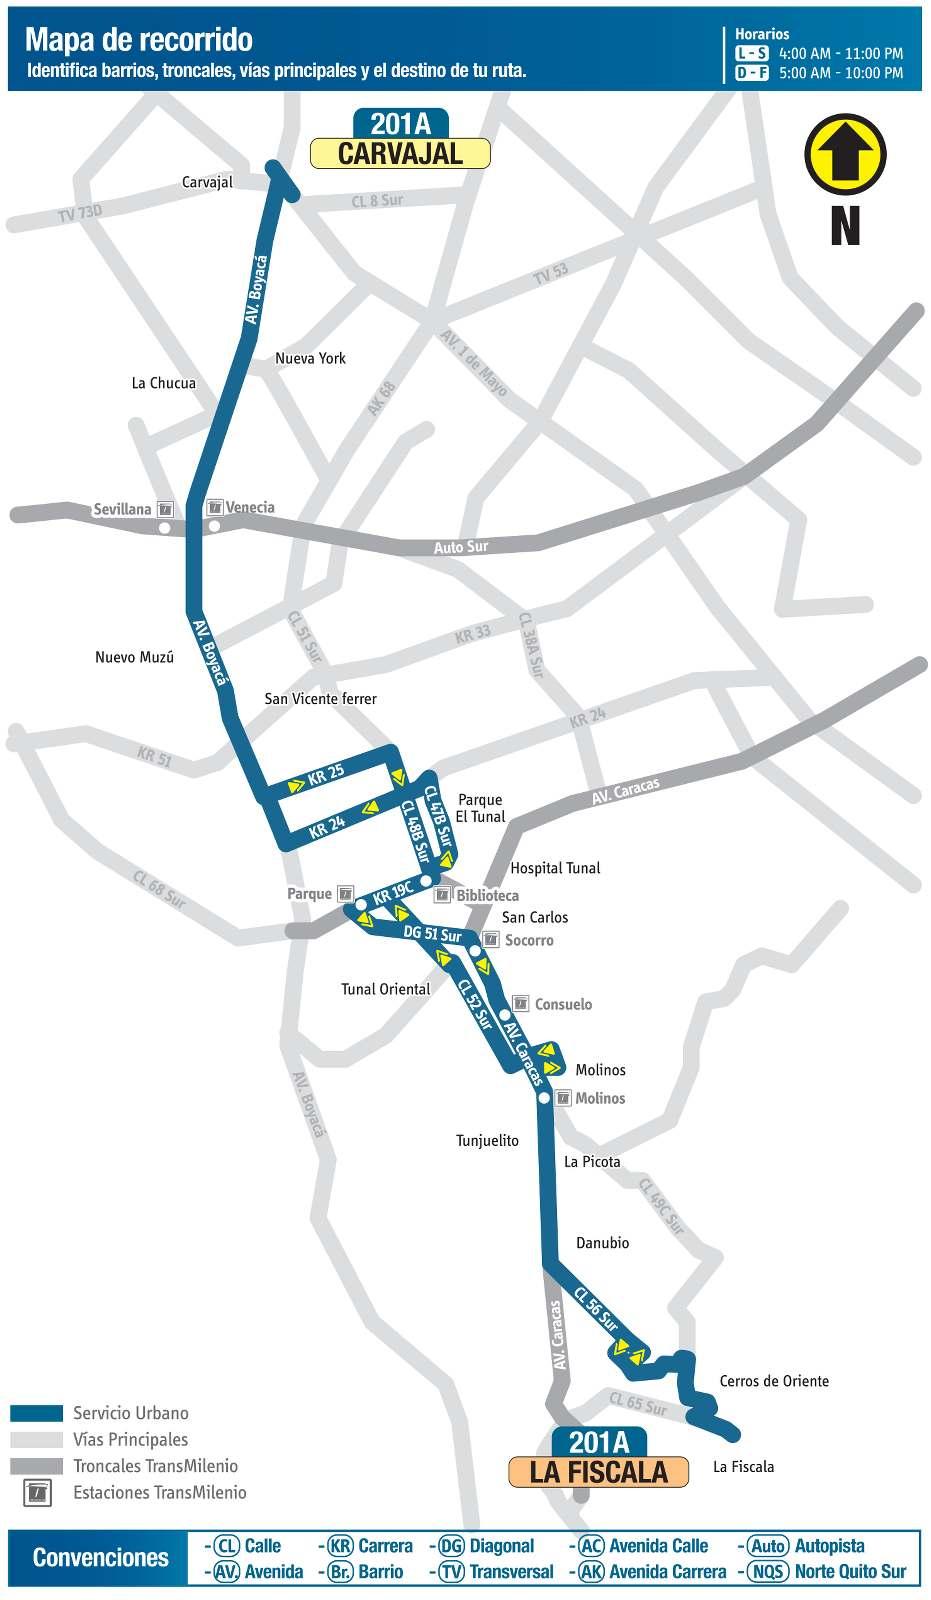 Ruta SITP: 201A Carvajal ↔ La Fiscala (mapa)